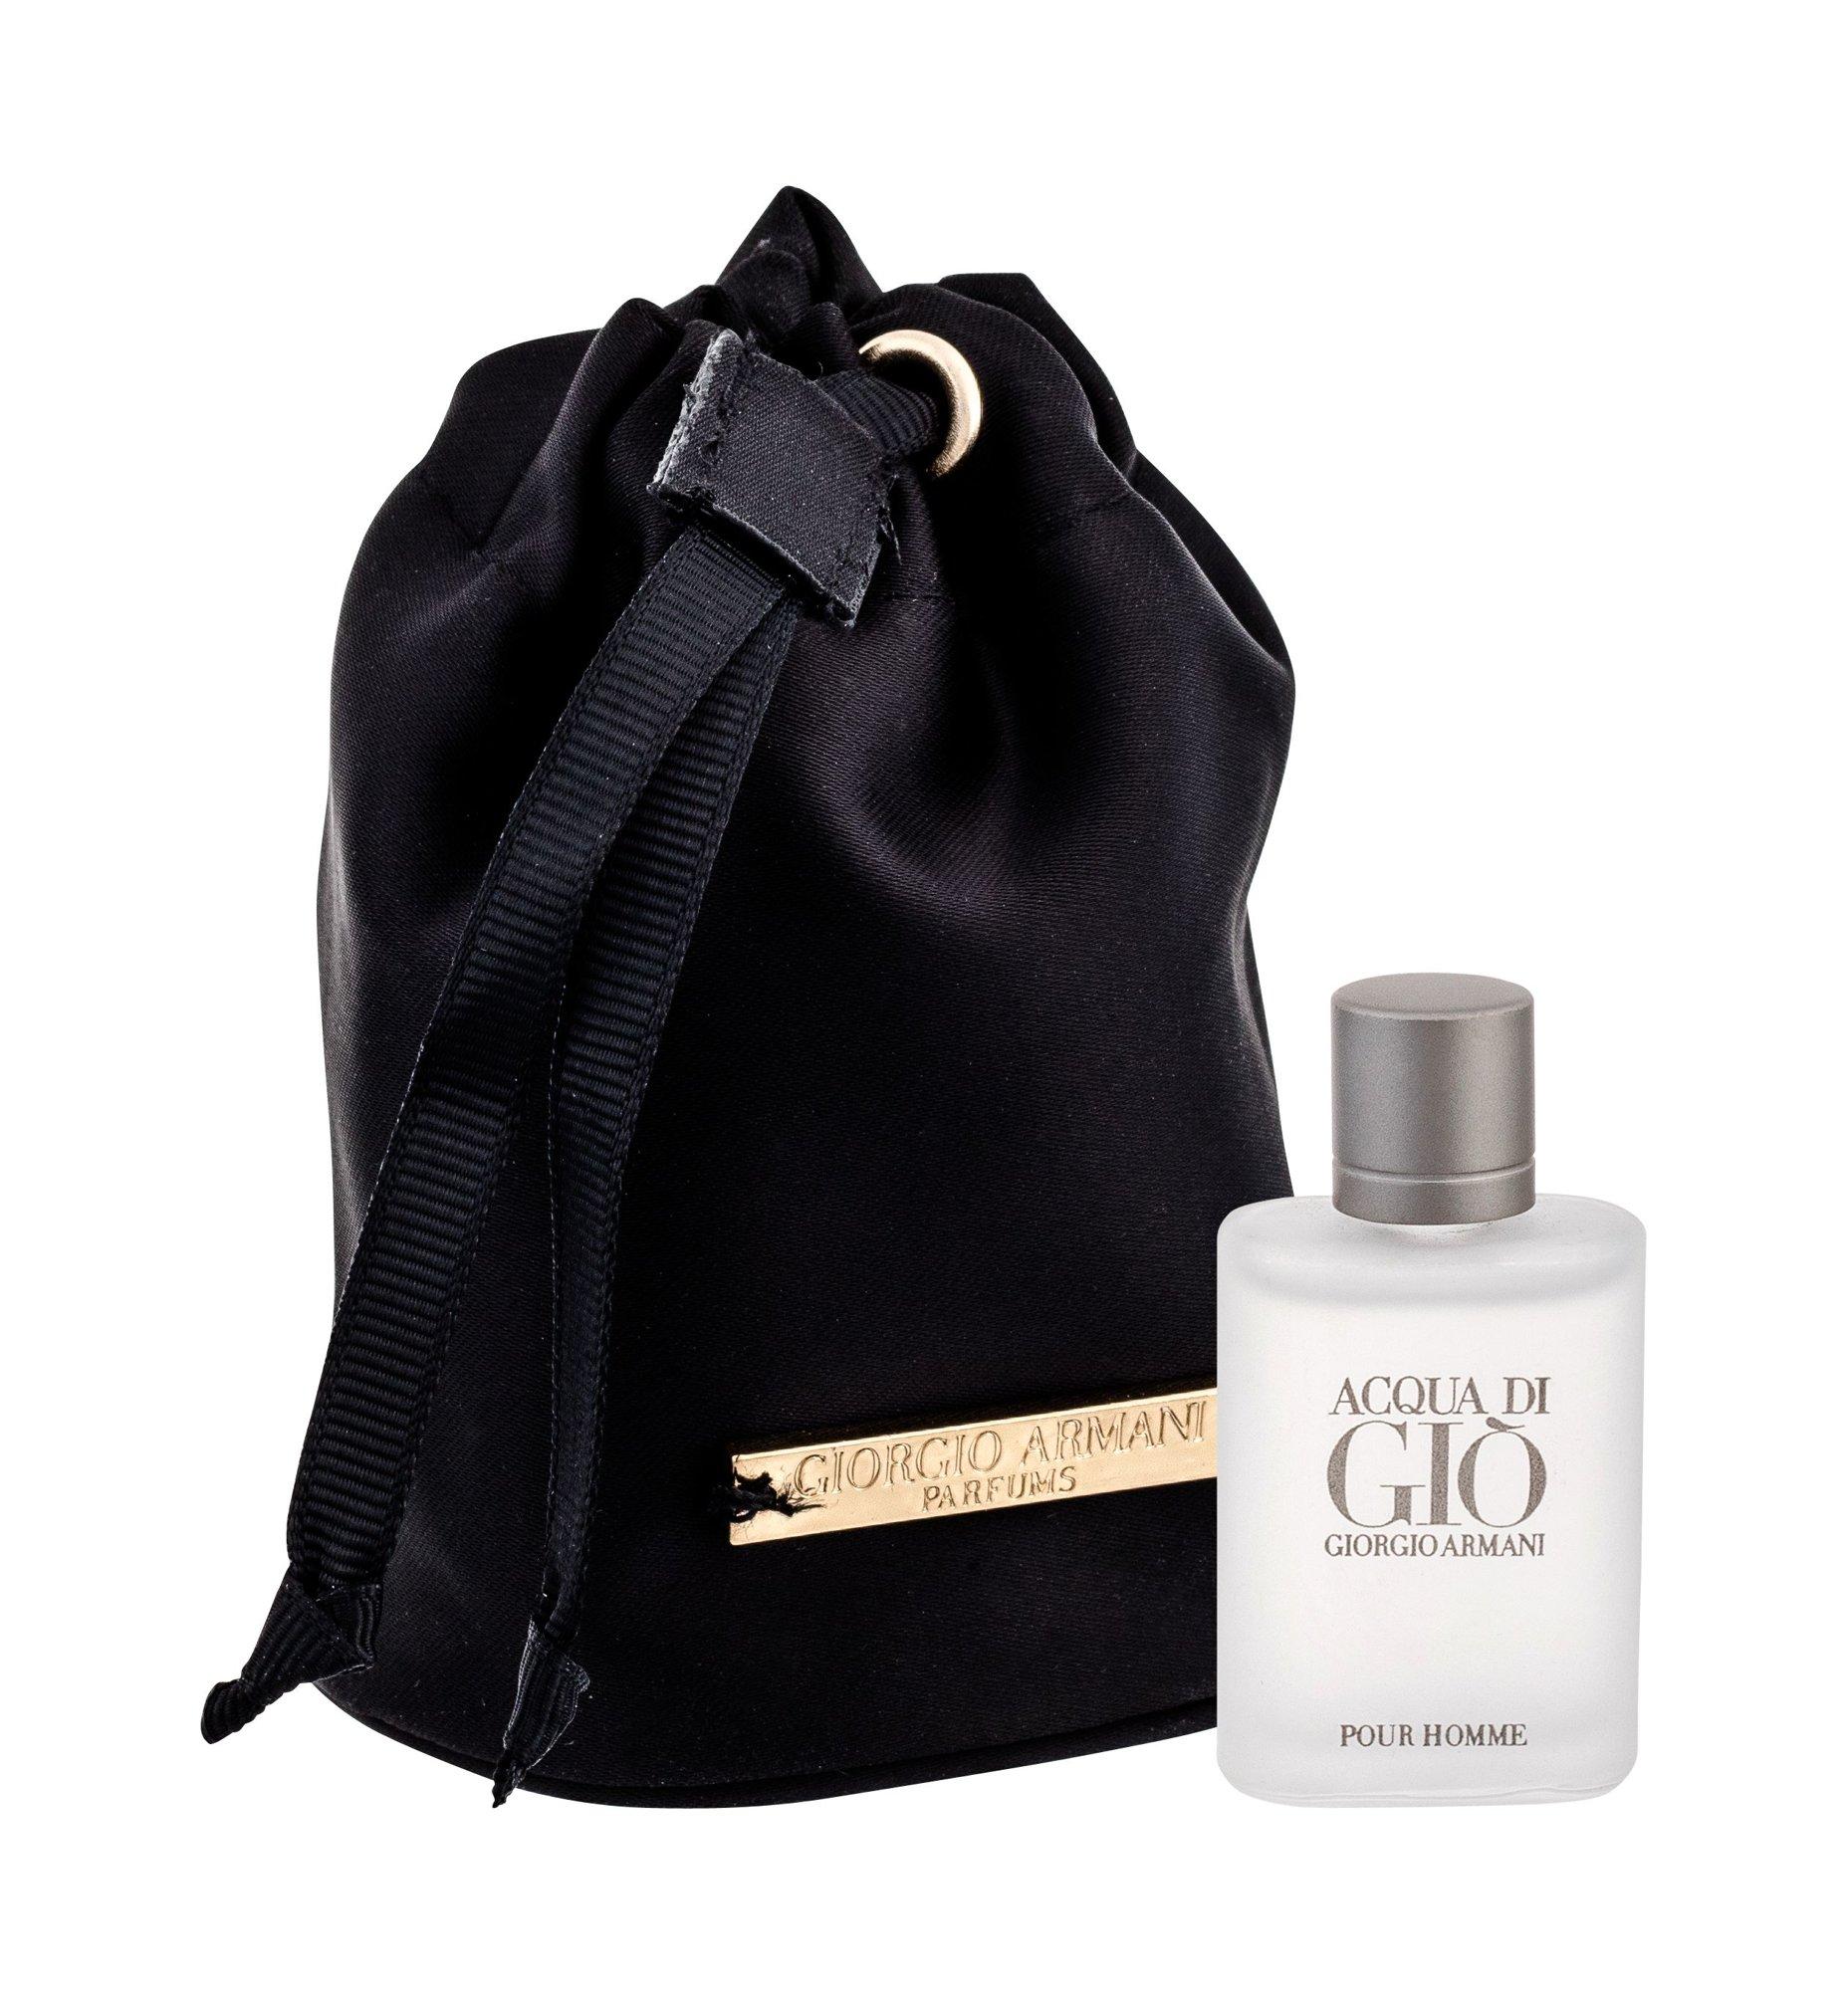 Giorgio Armani Acqua di Gio Eau de Toilette 5ml  Pour Homme